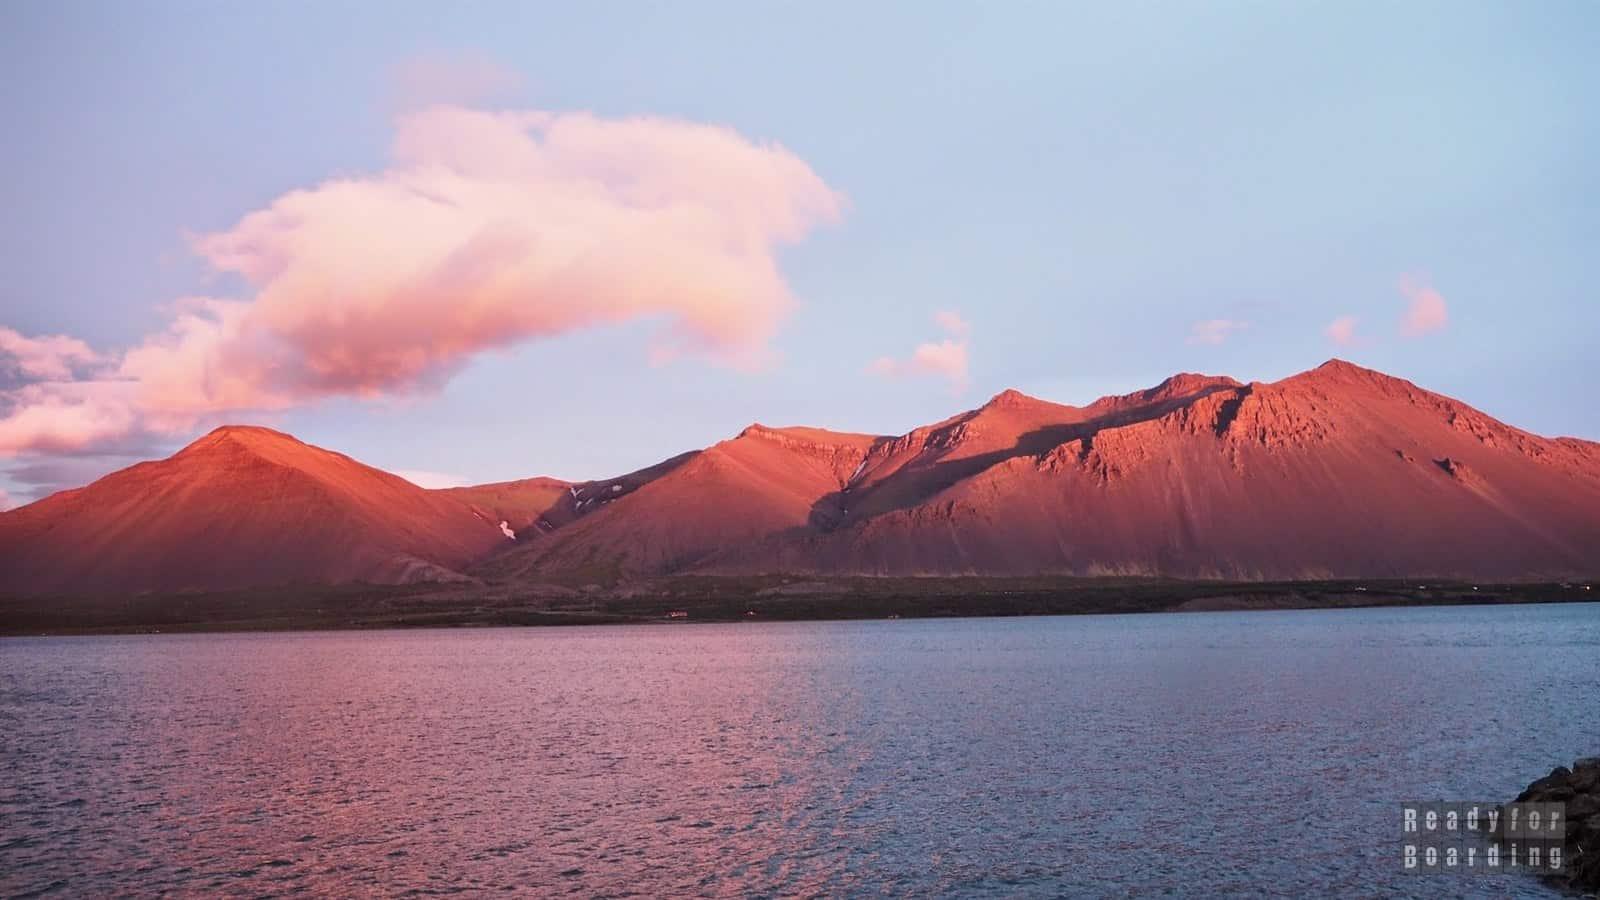 Islandia - w drodze do Borgarnes (galeria zdjęć)